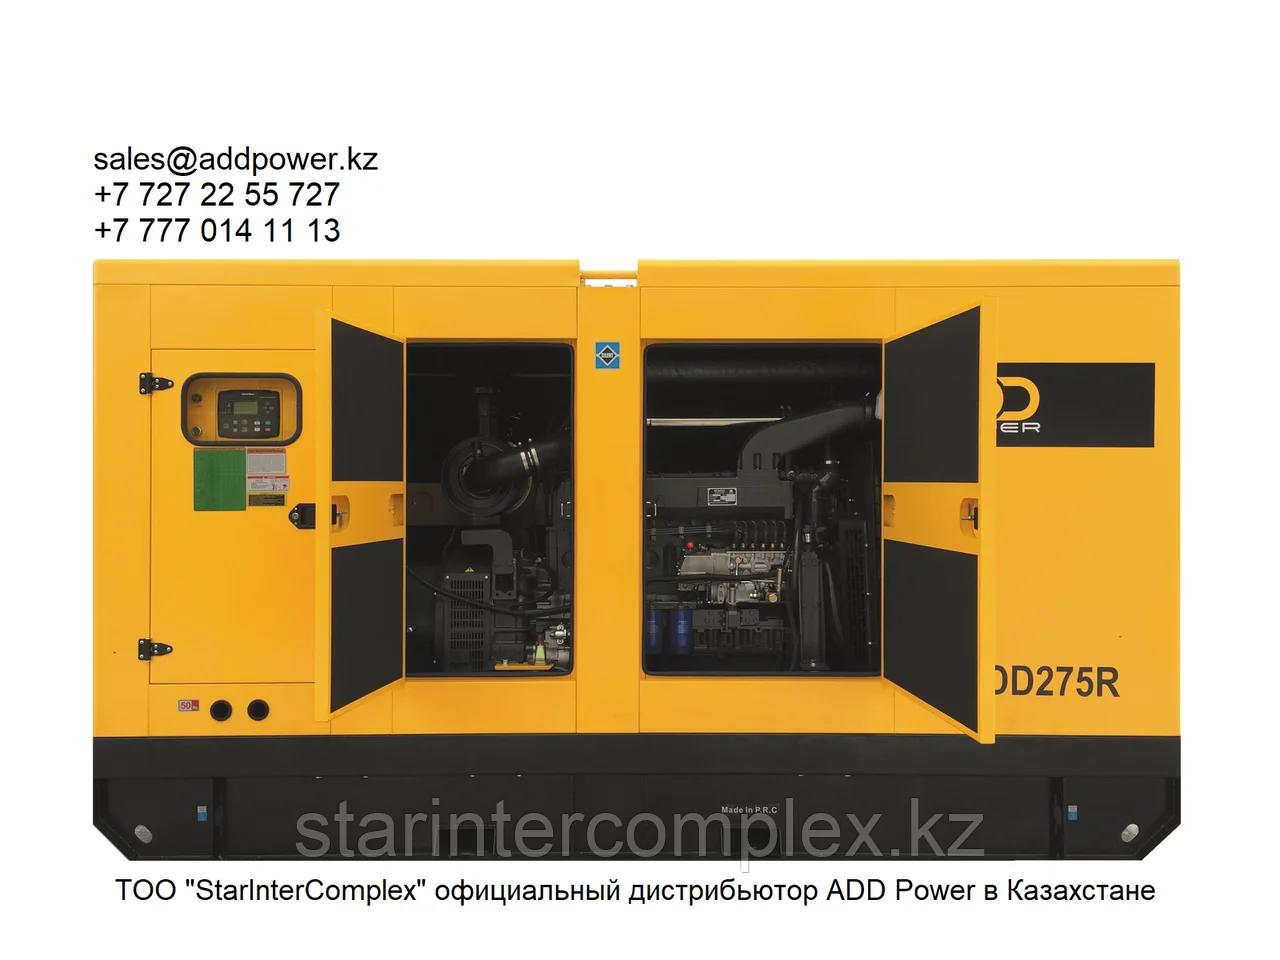 Дизельный генератор ADD18R во всепогодном шумозащитном кожухе